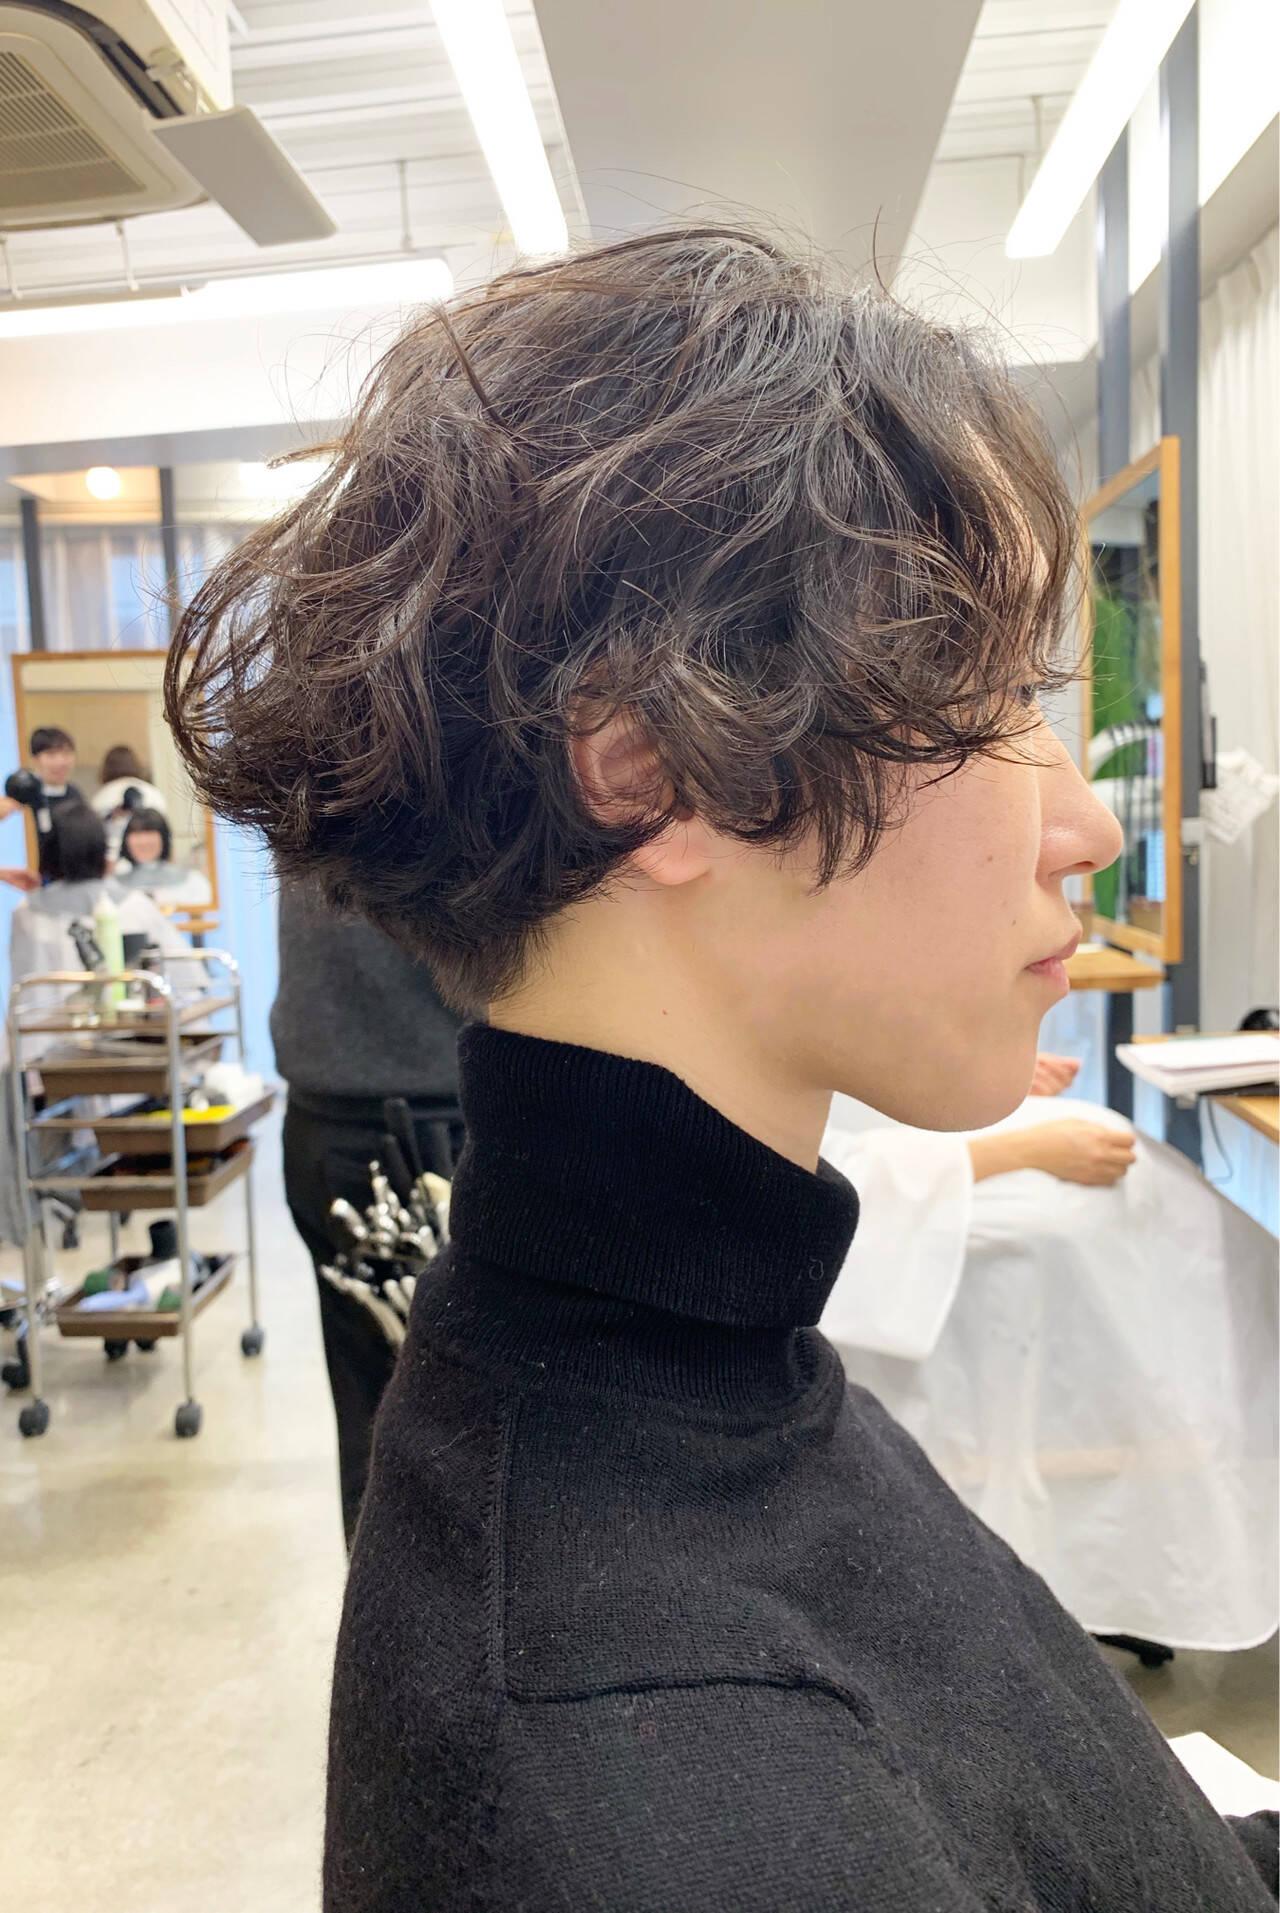 ウェーブ ボブ ふわふわ ヘアアレンジヘアスタイルや髪型の写真・画像